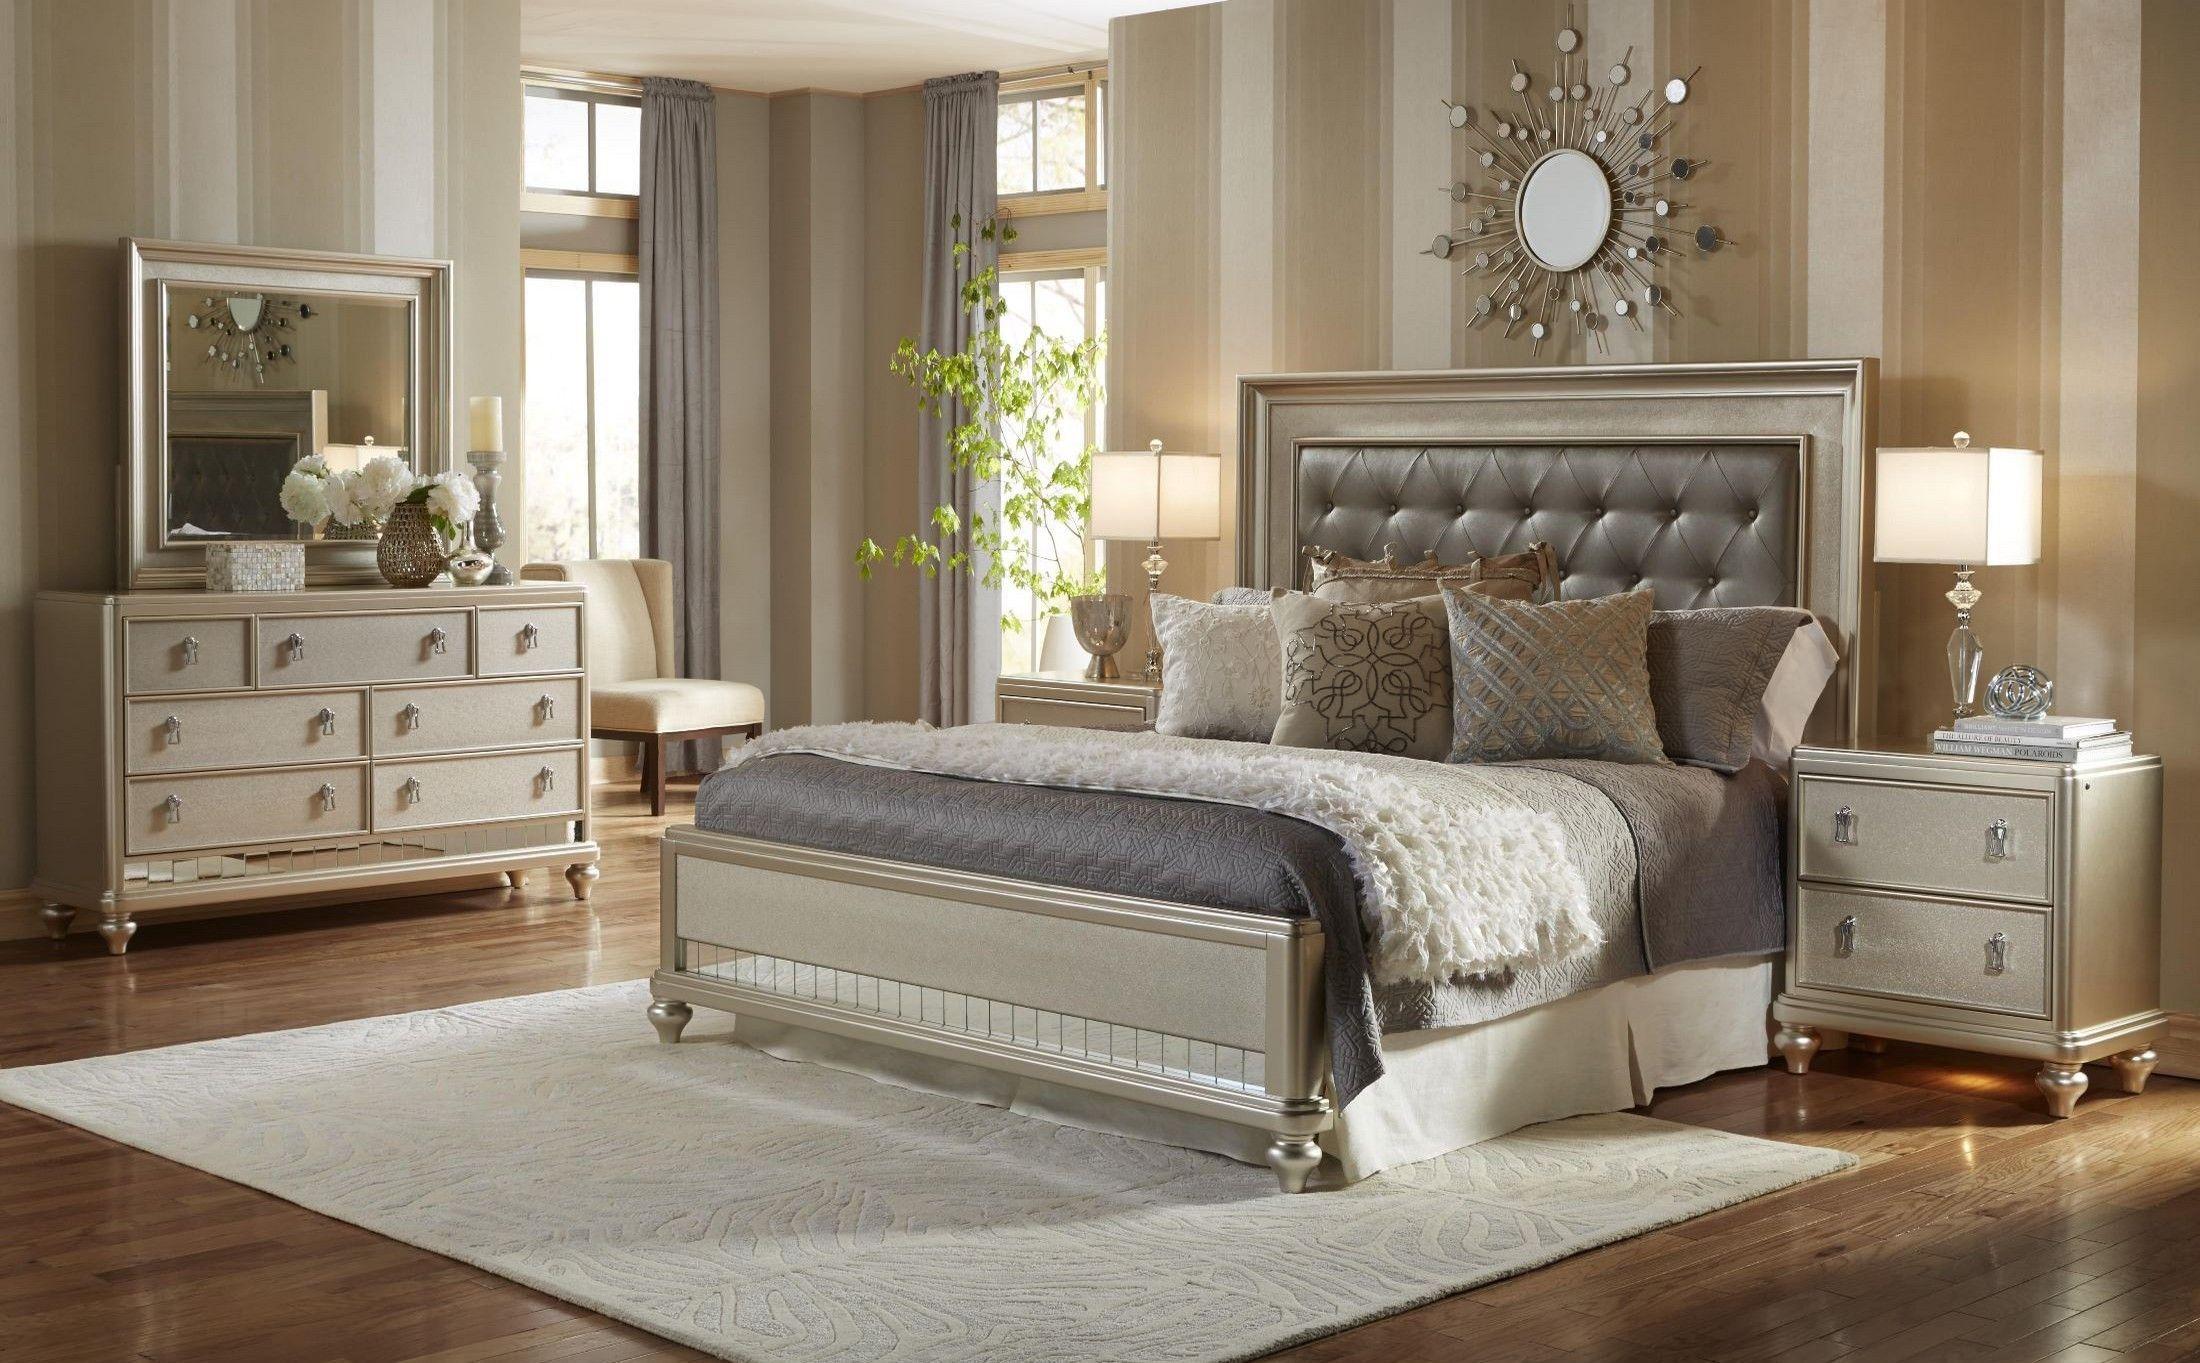 Ashley Furniture Signature Design Bedroom Set Diva Metallic Panel Bedroom Set  Bedroom  Pinterest  Bedrooms